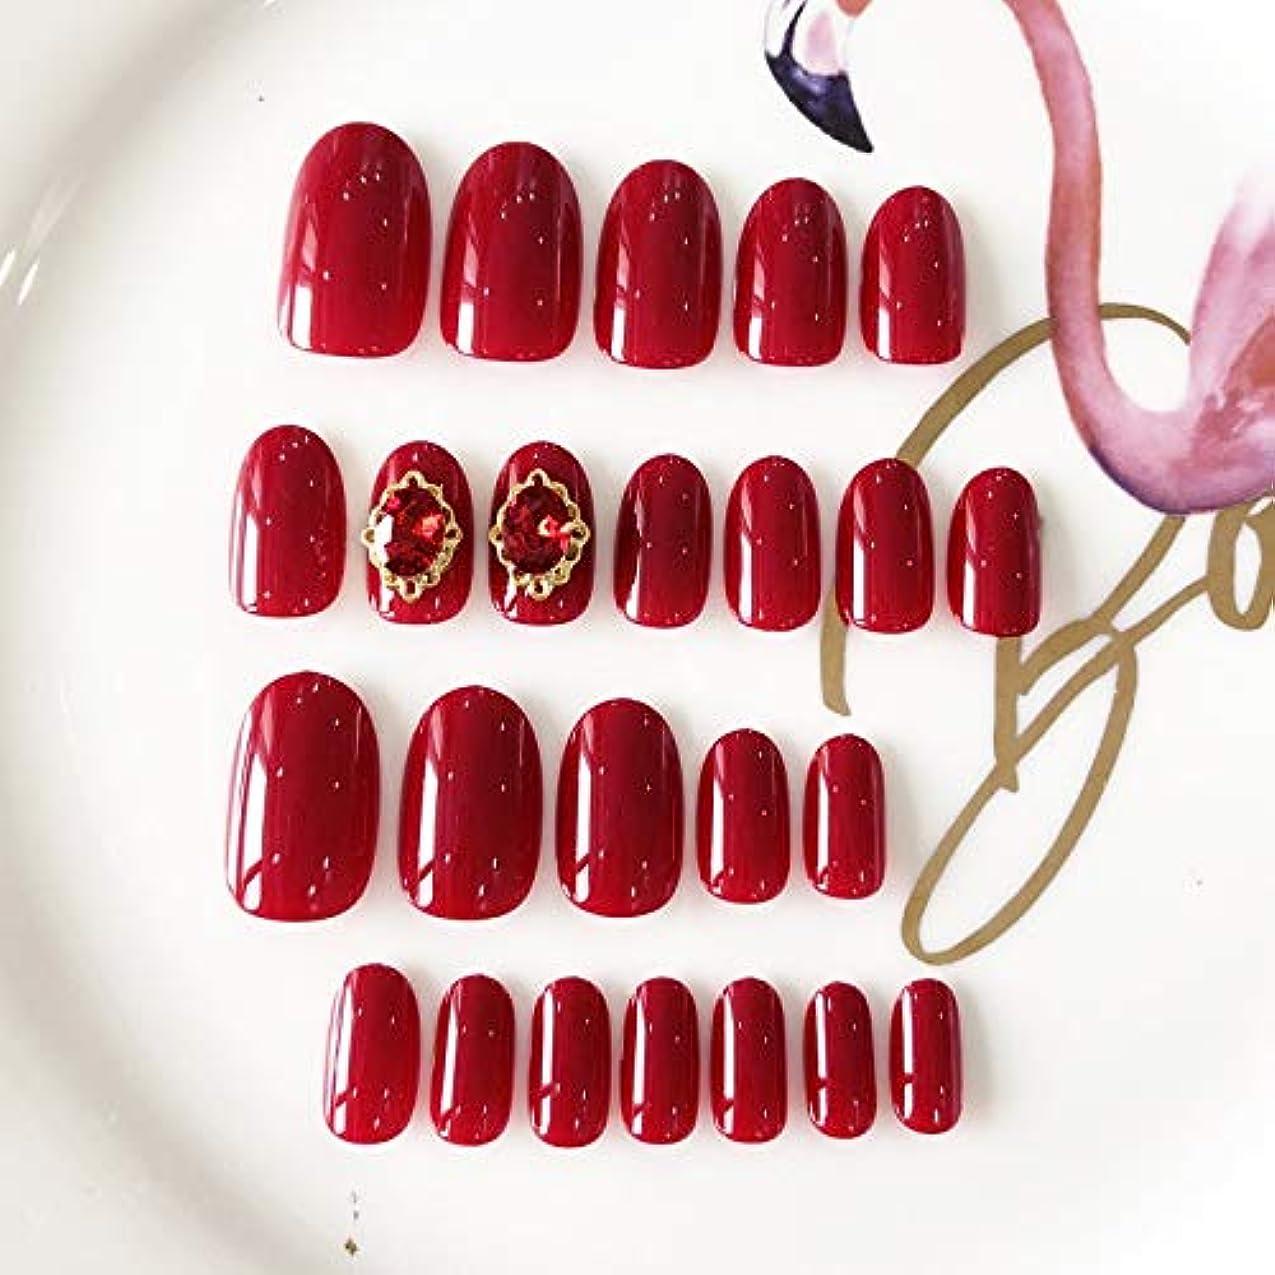 交流するオーラルお手伝いさんAFAEF HOME 24個の短い楕円形の偽爪12サイズ単色ワインレッドエレガントな偽爪結婚式